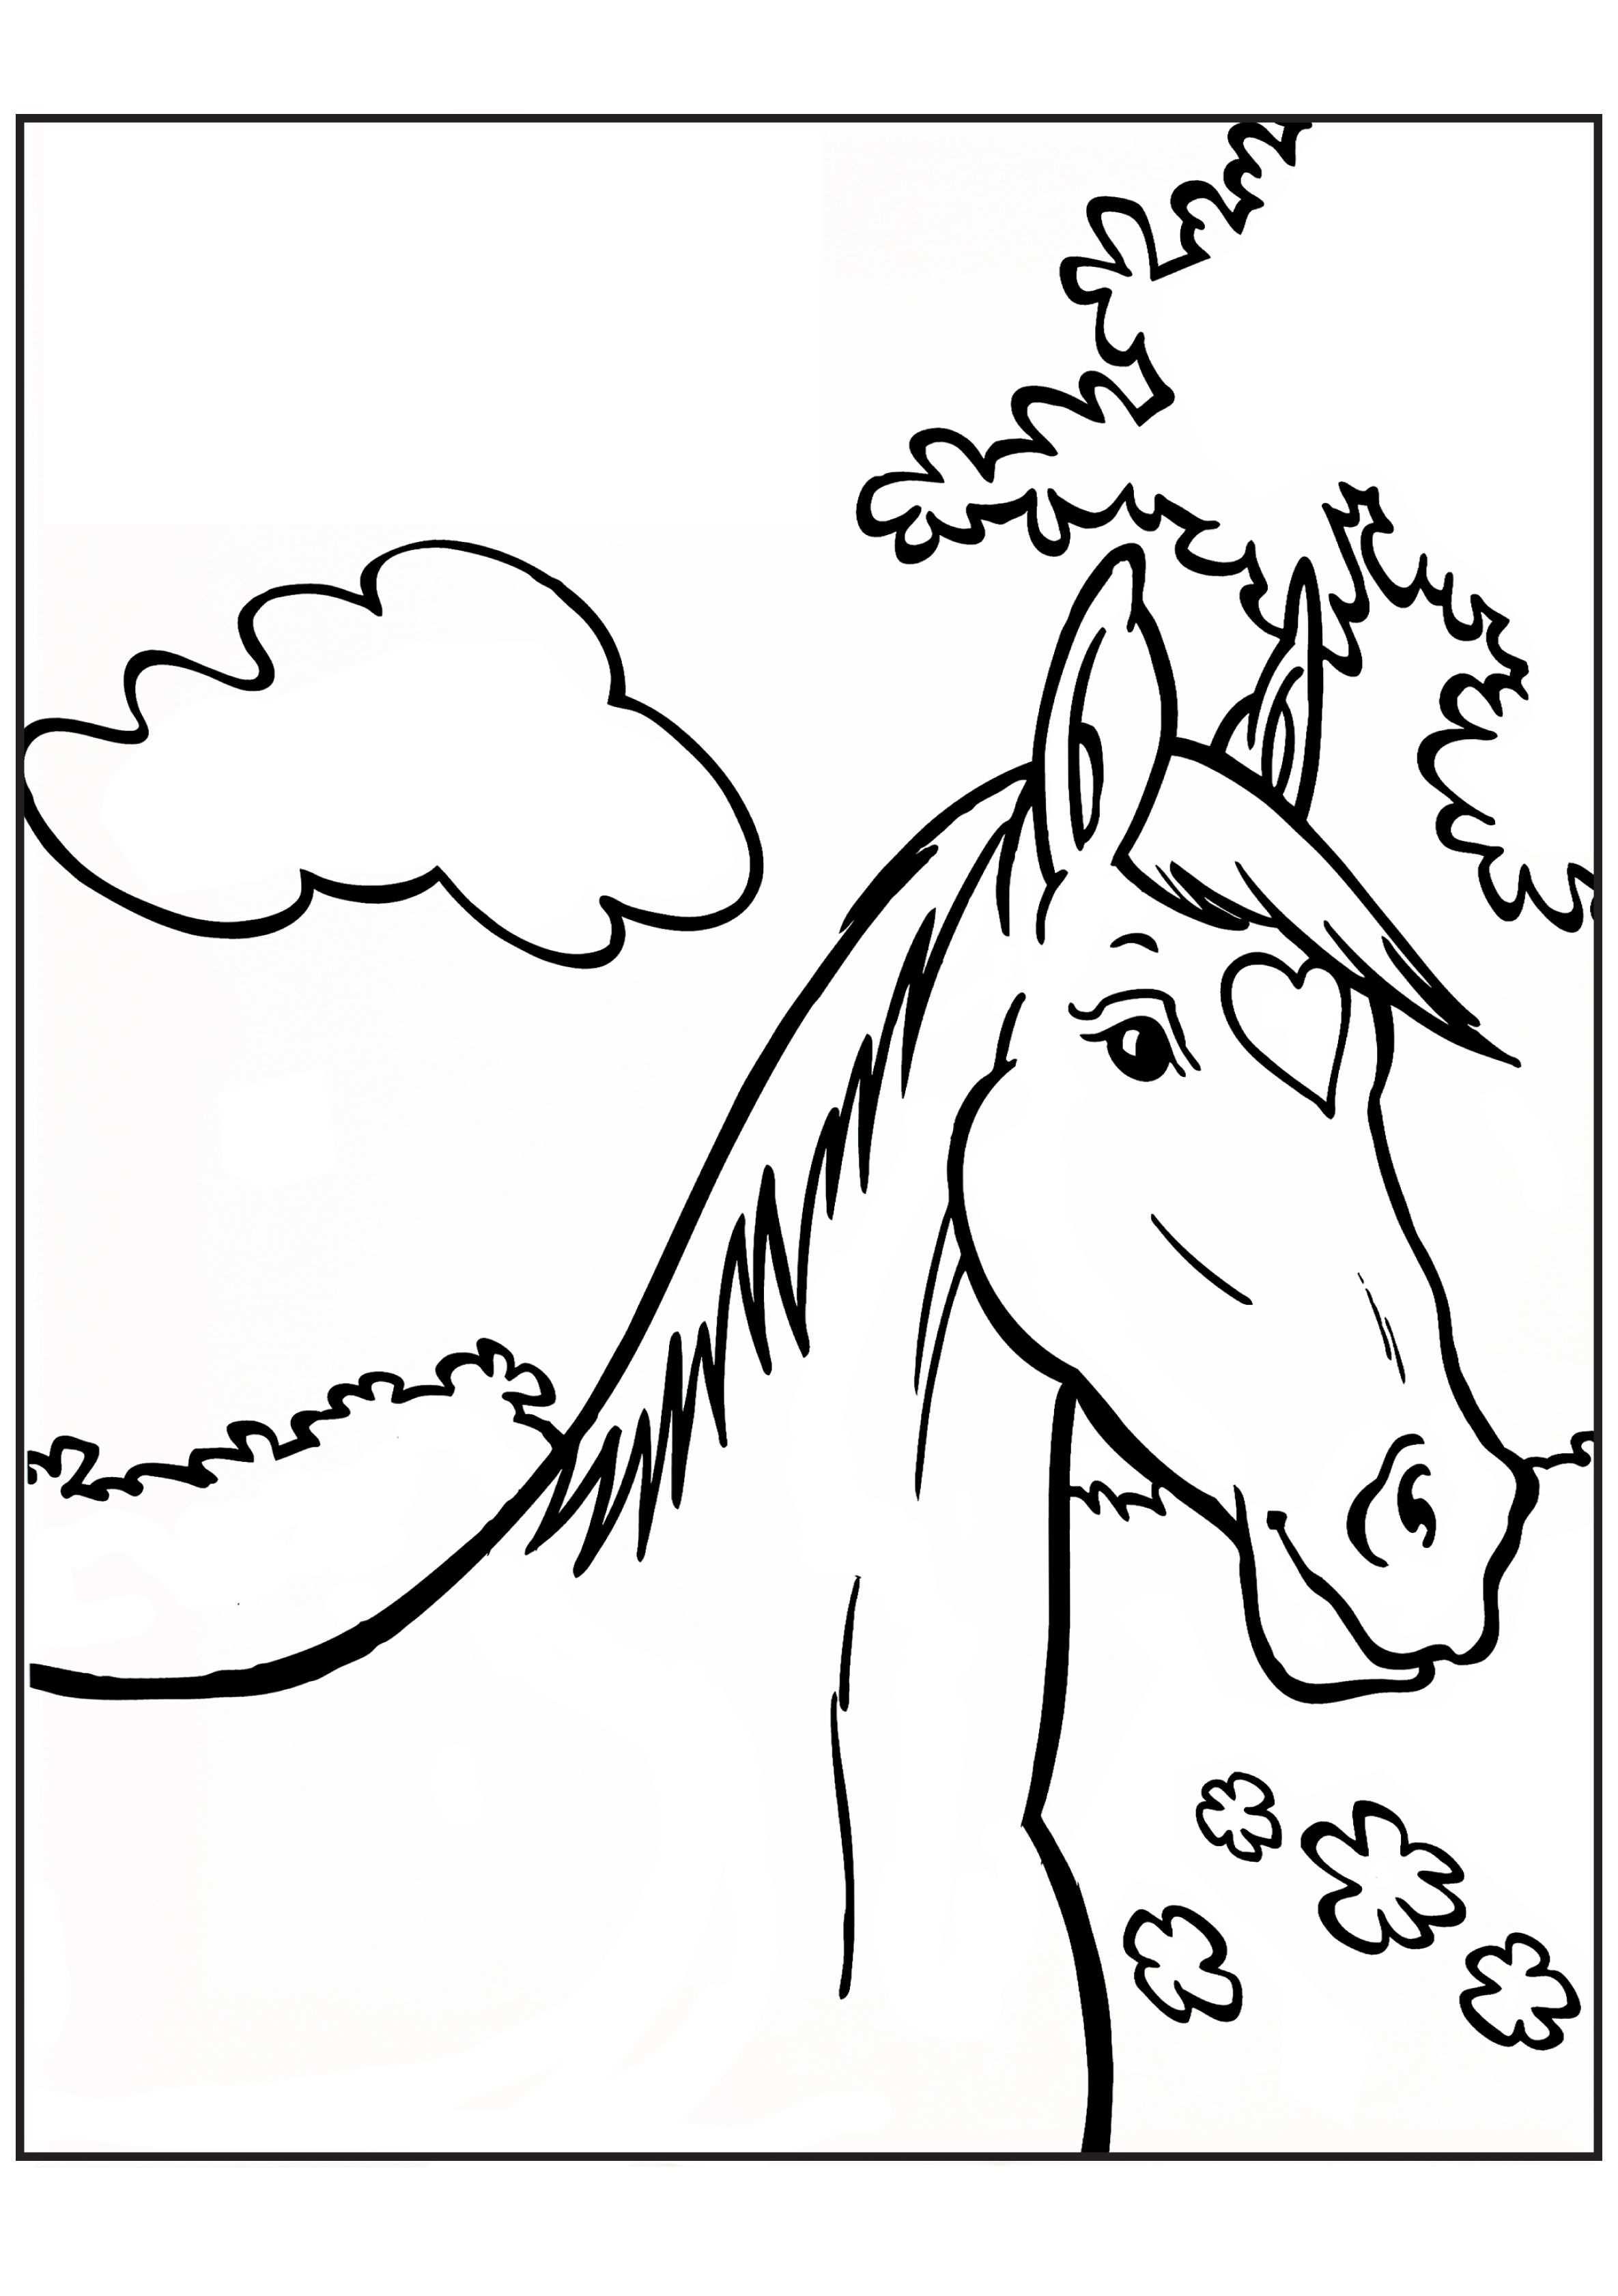 Kleurplaat Paard Kleurplaten Paarden Paardenhoofd